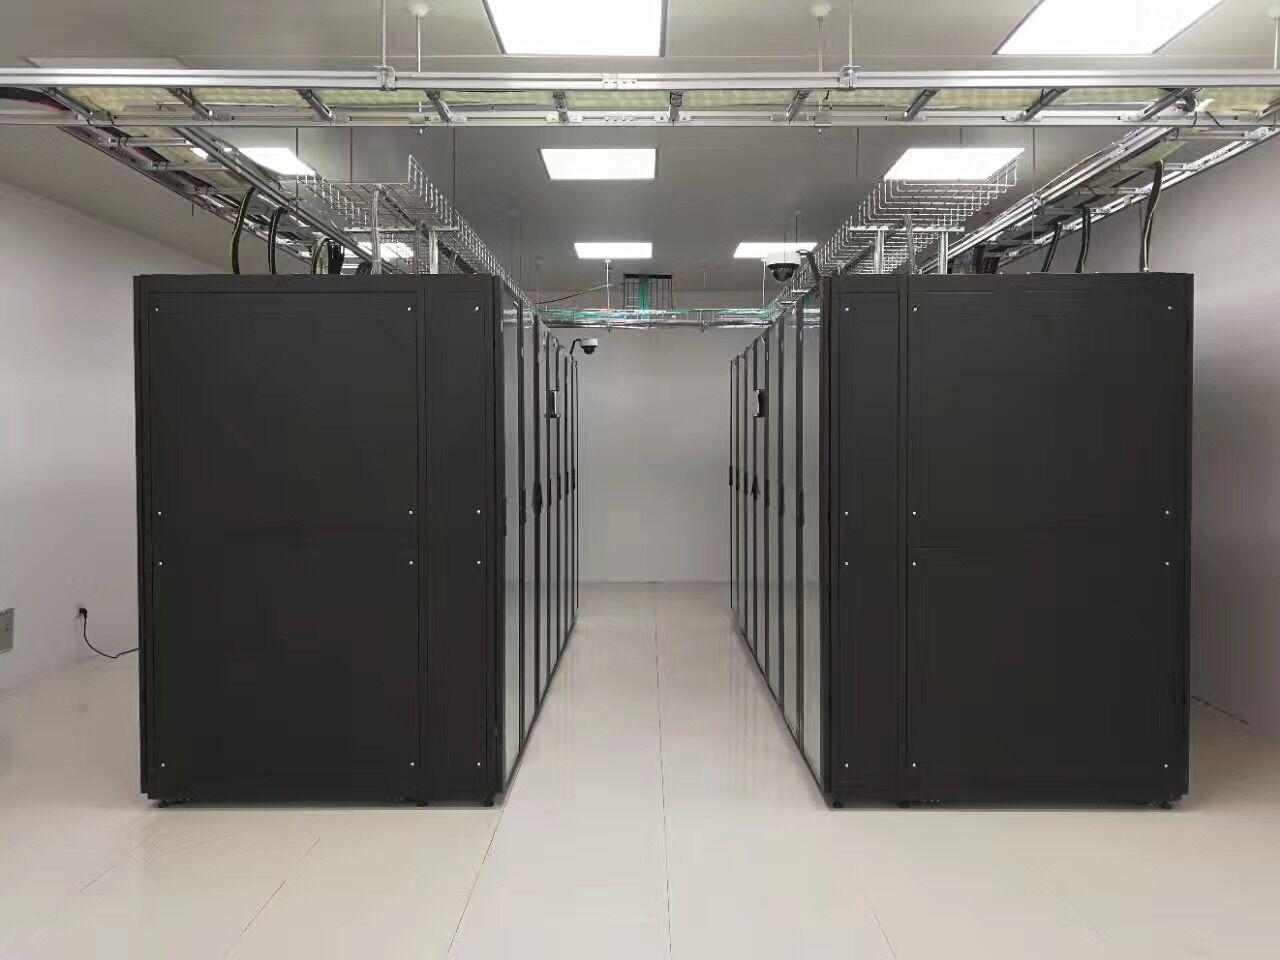 雷迪司模块化数据中心一体化机柜河南郑州总代理